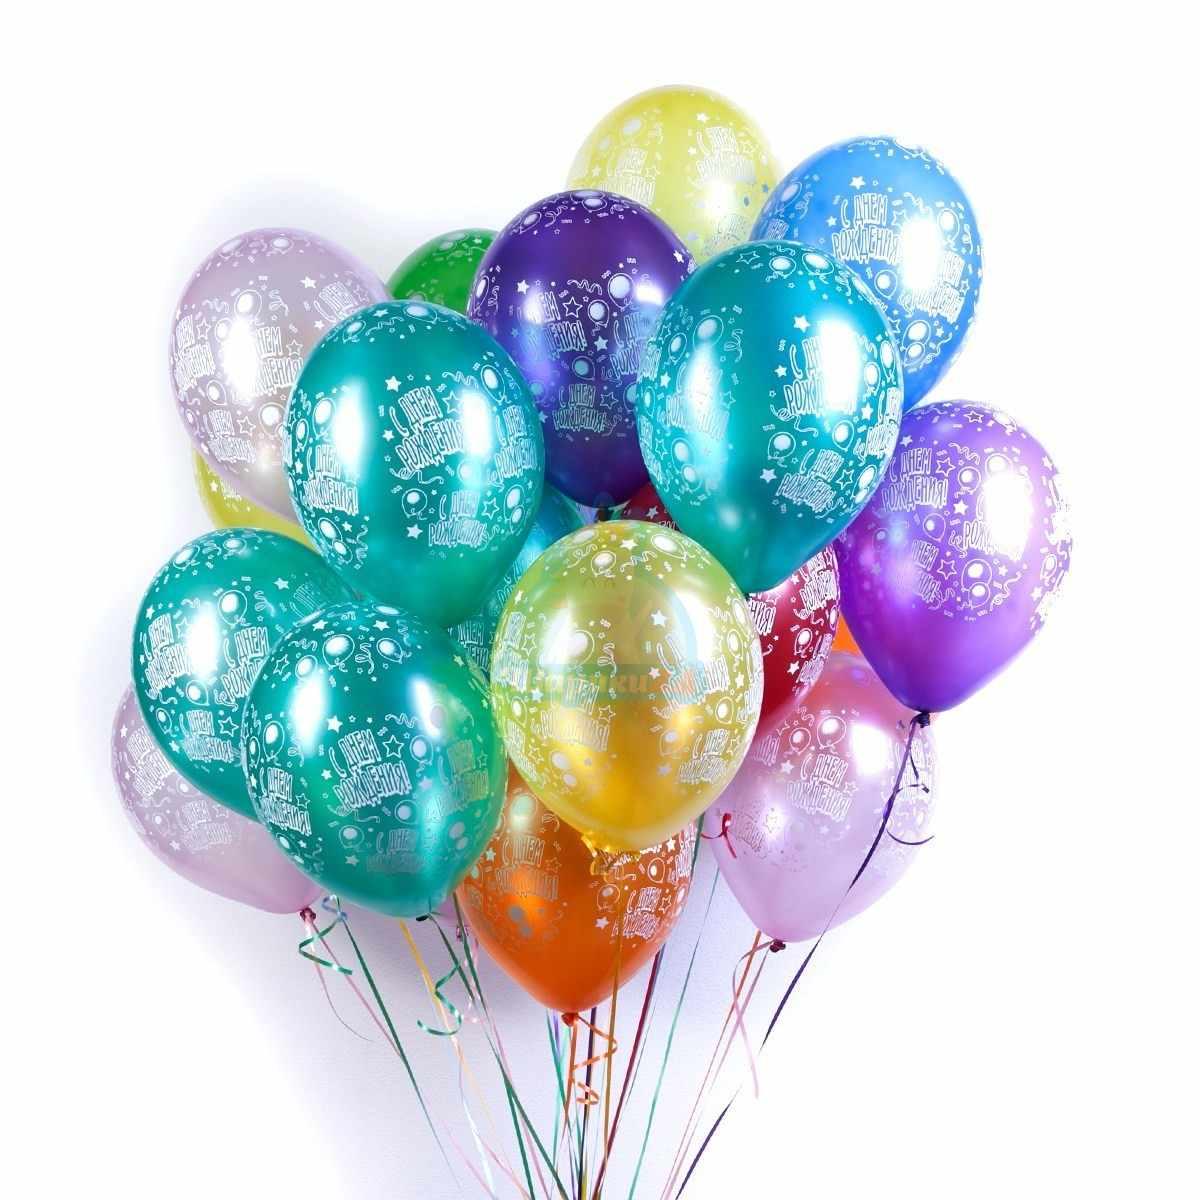 Воздушные шары с Днем рождения 100 штук фото в интернет-магазине Шарики 24